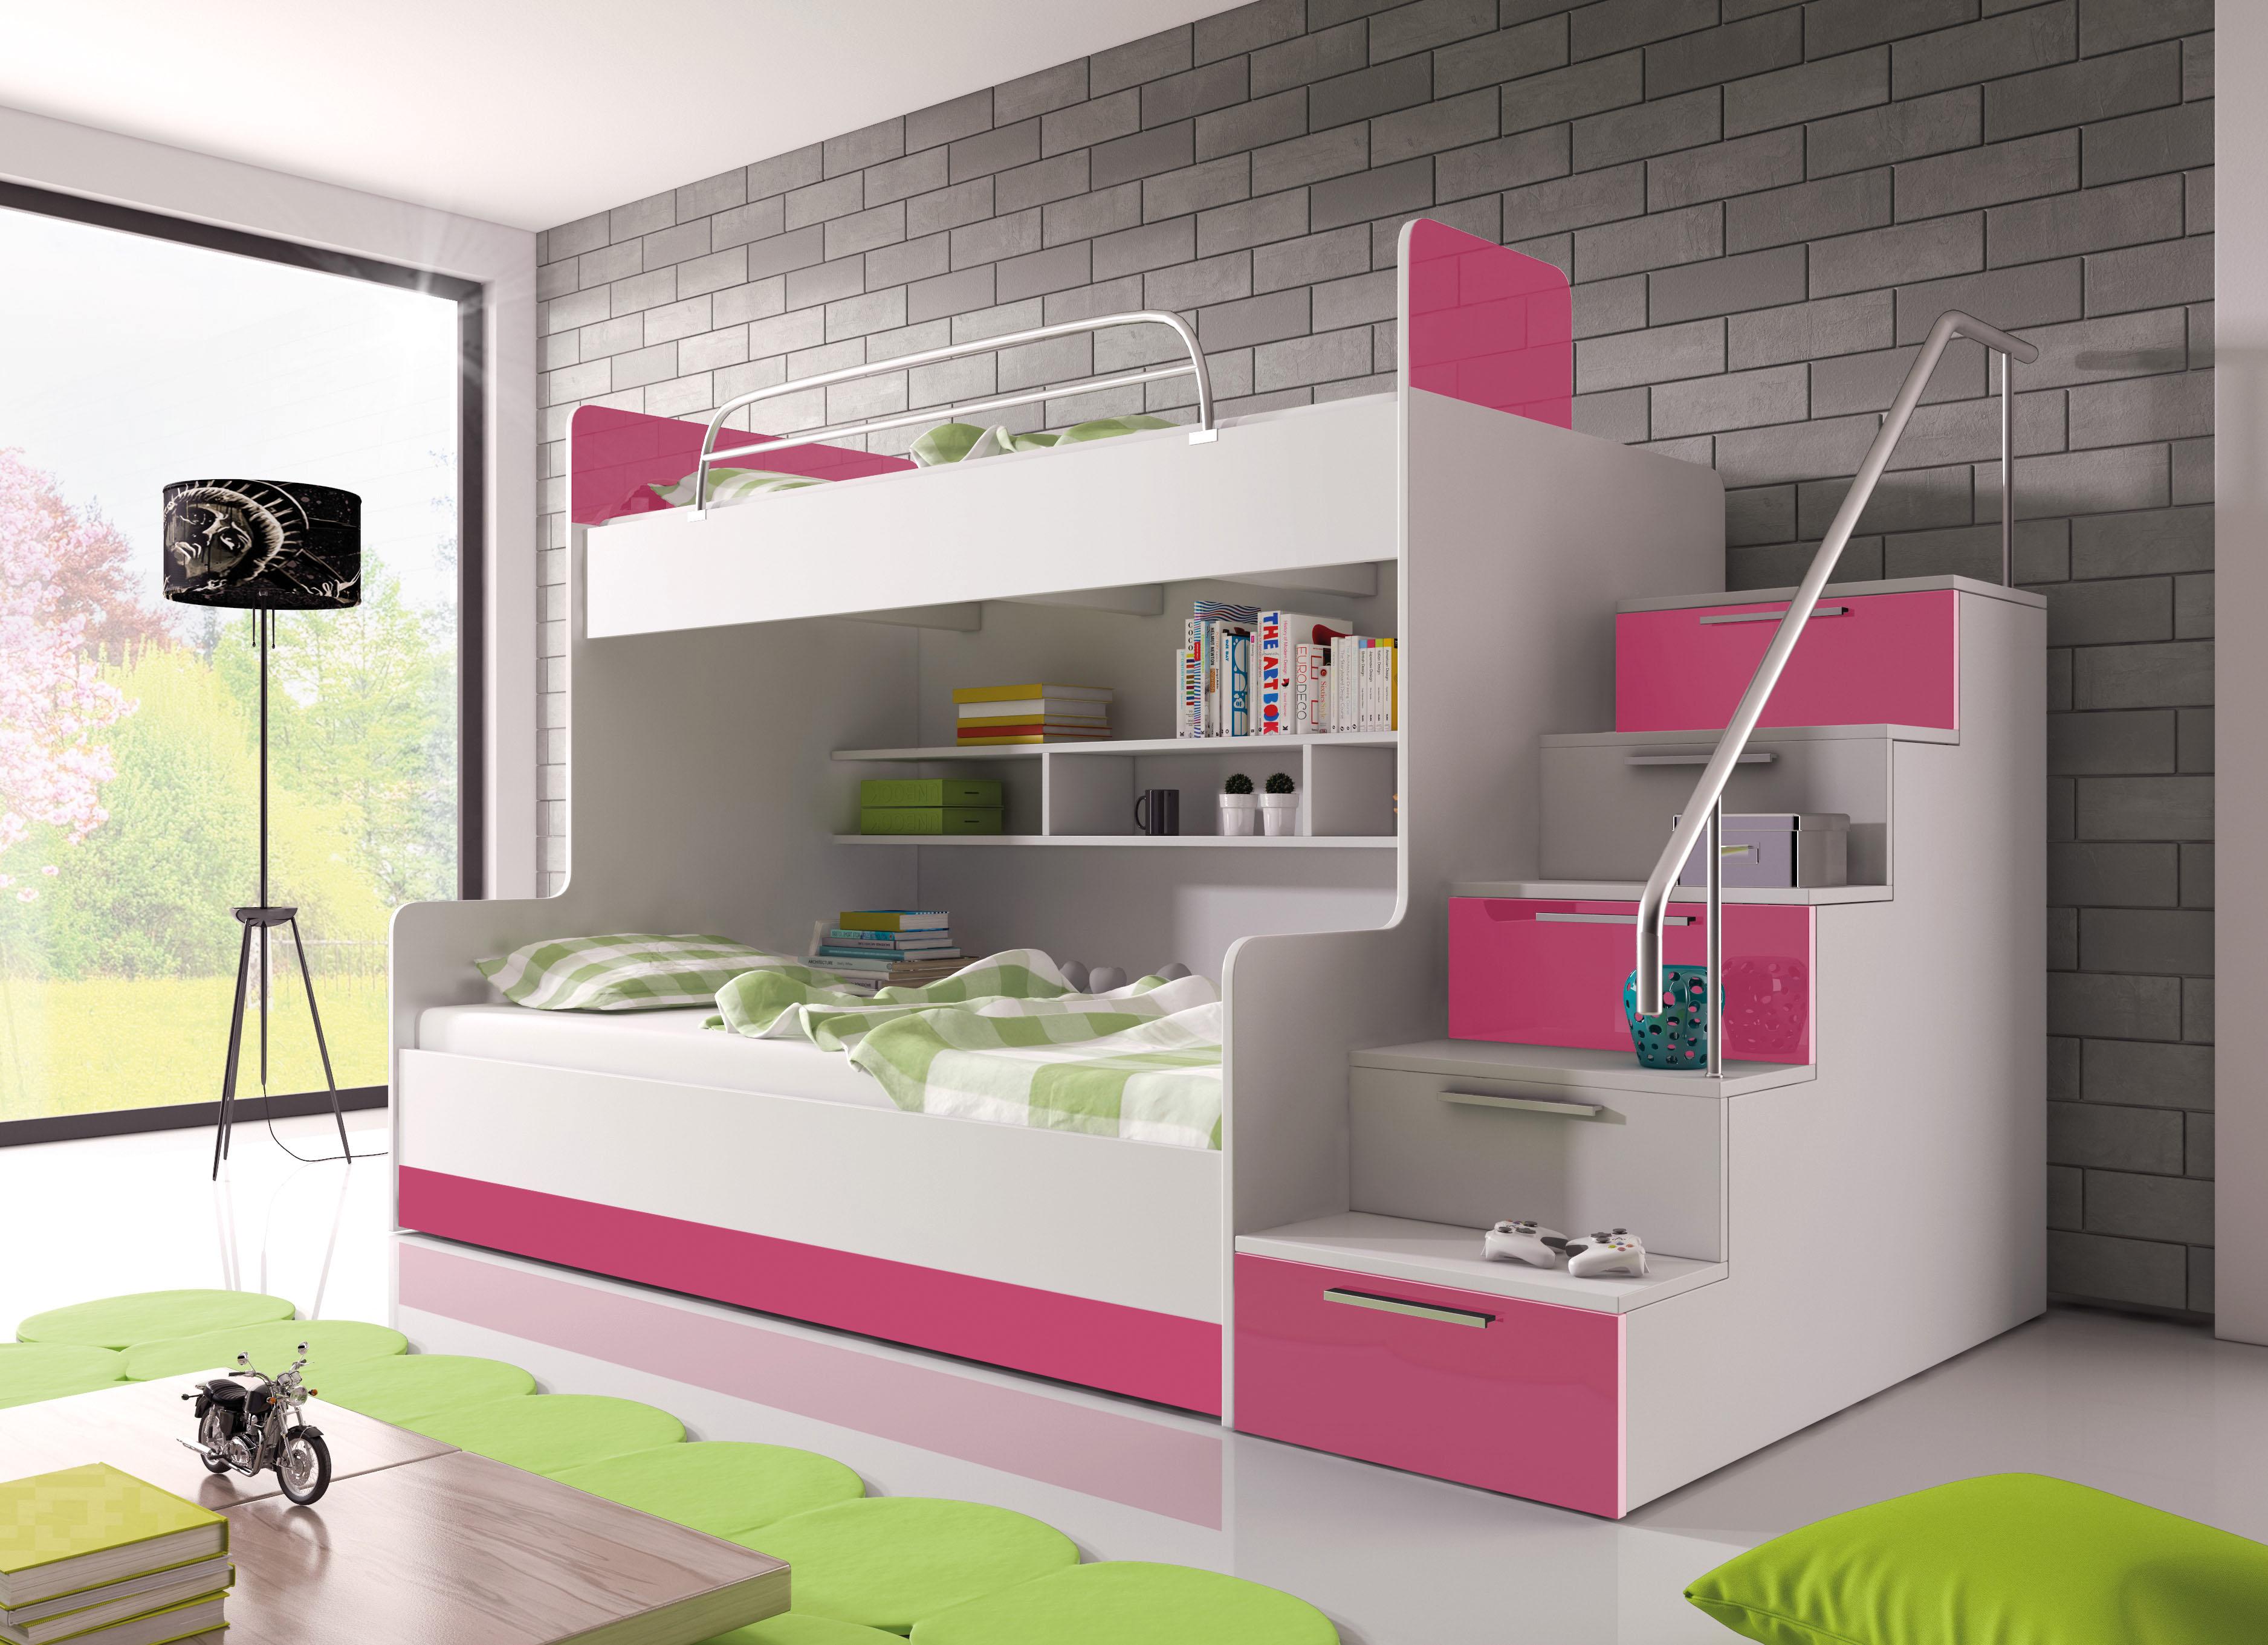 Patrová postel - Ruby II (bílá + růžová) (s matrací a roštem)